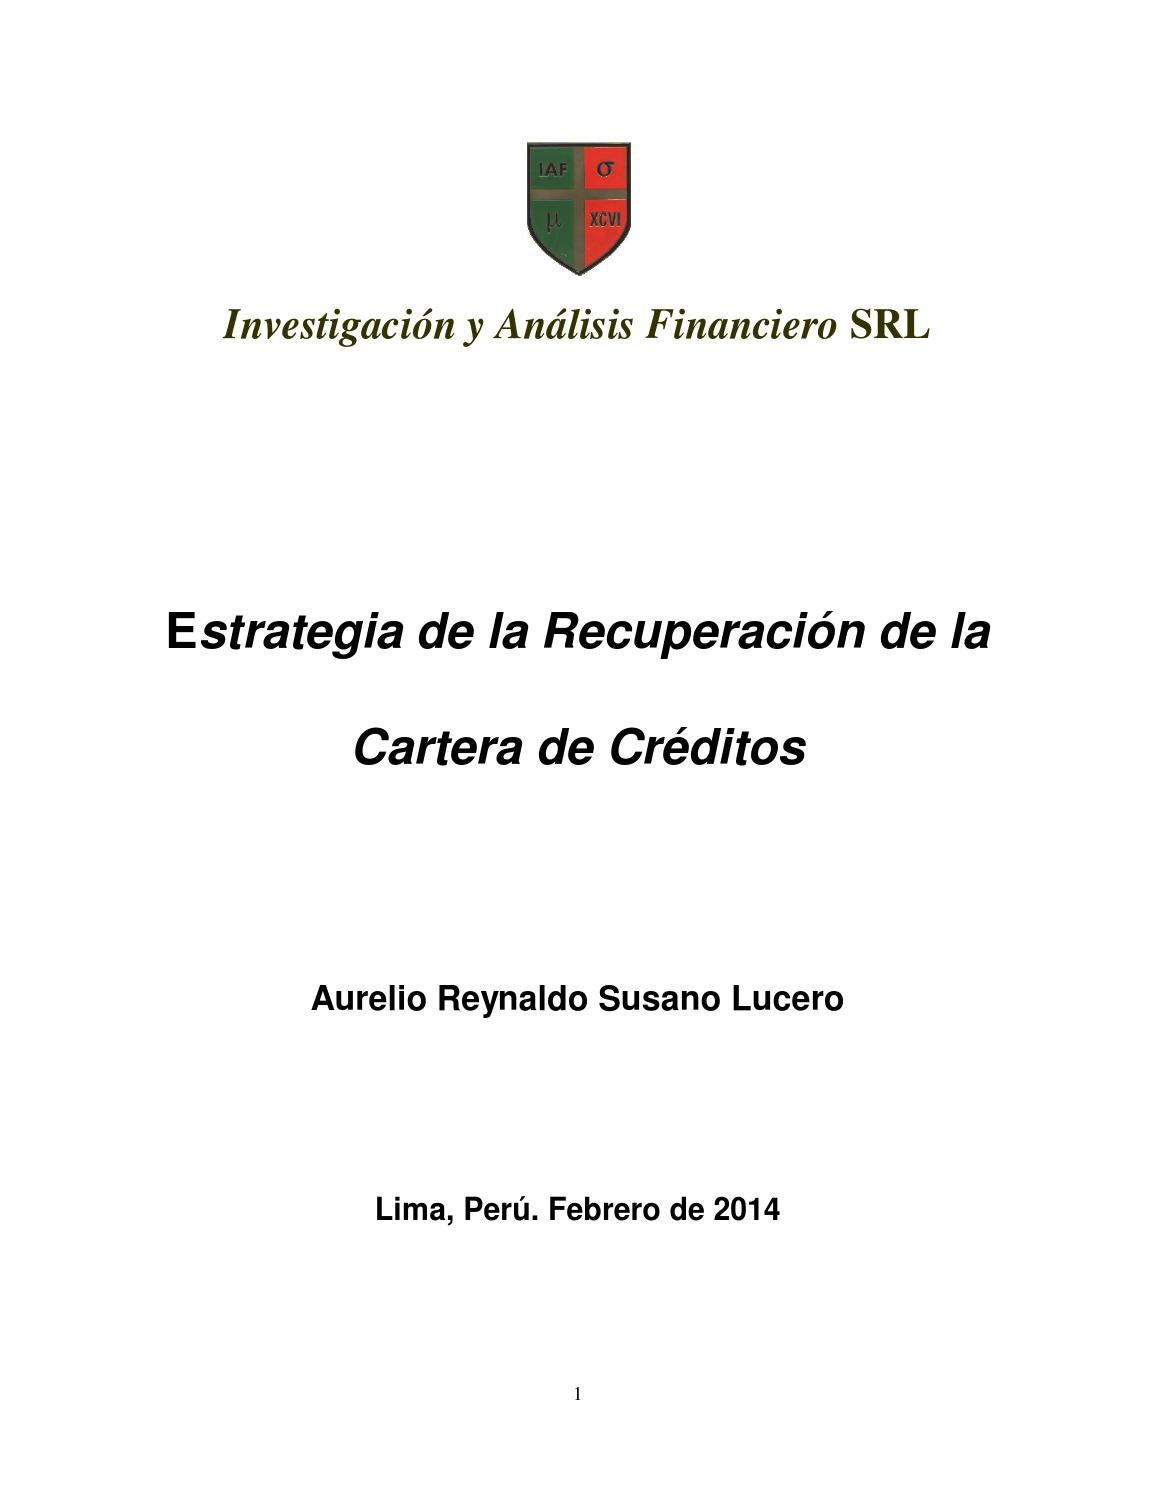 Estrategia de Recuperaciones de la Cartera de Creditos by Aurelio ...